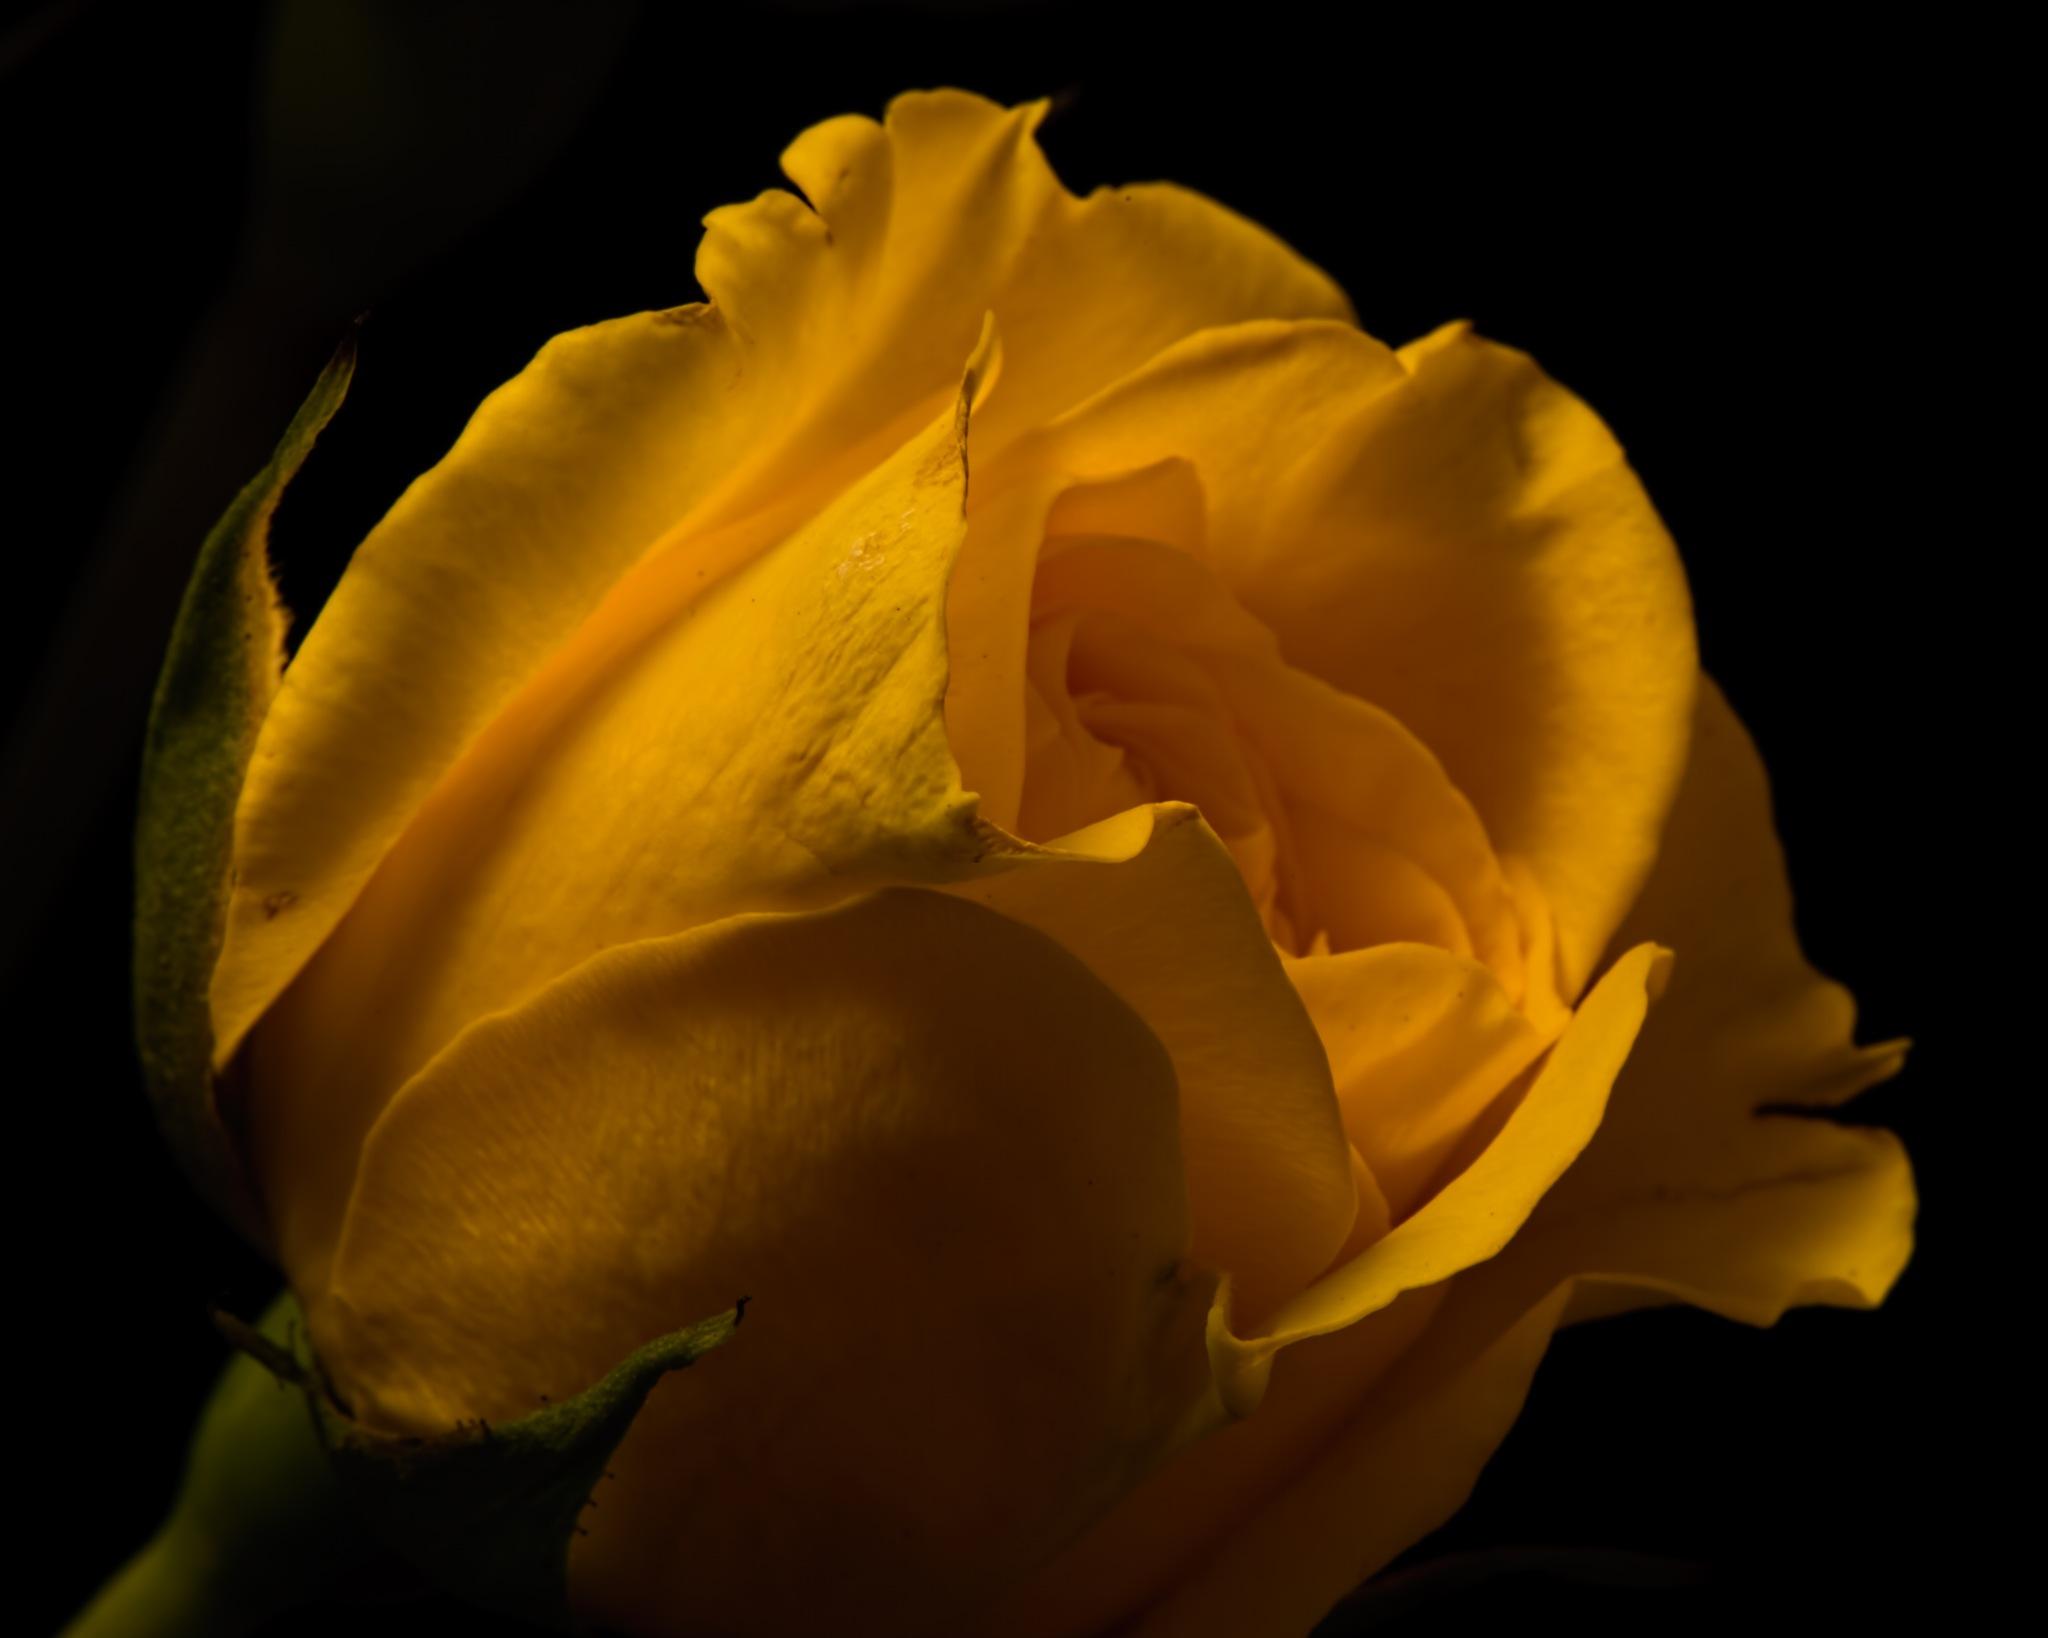 Single Yellow Rose 1104 by ThomasJerger